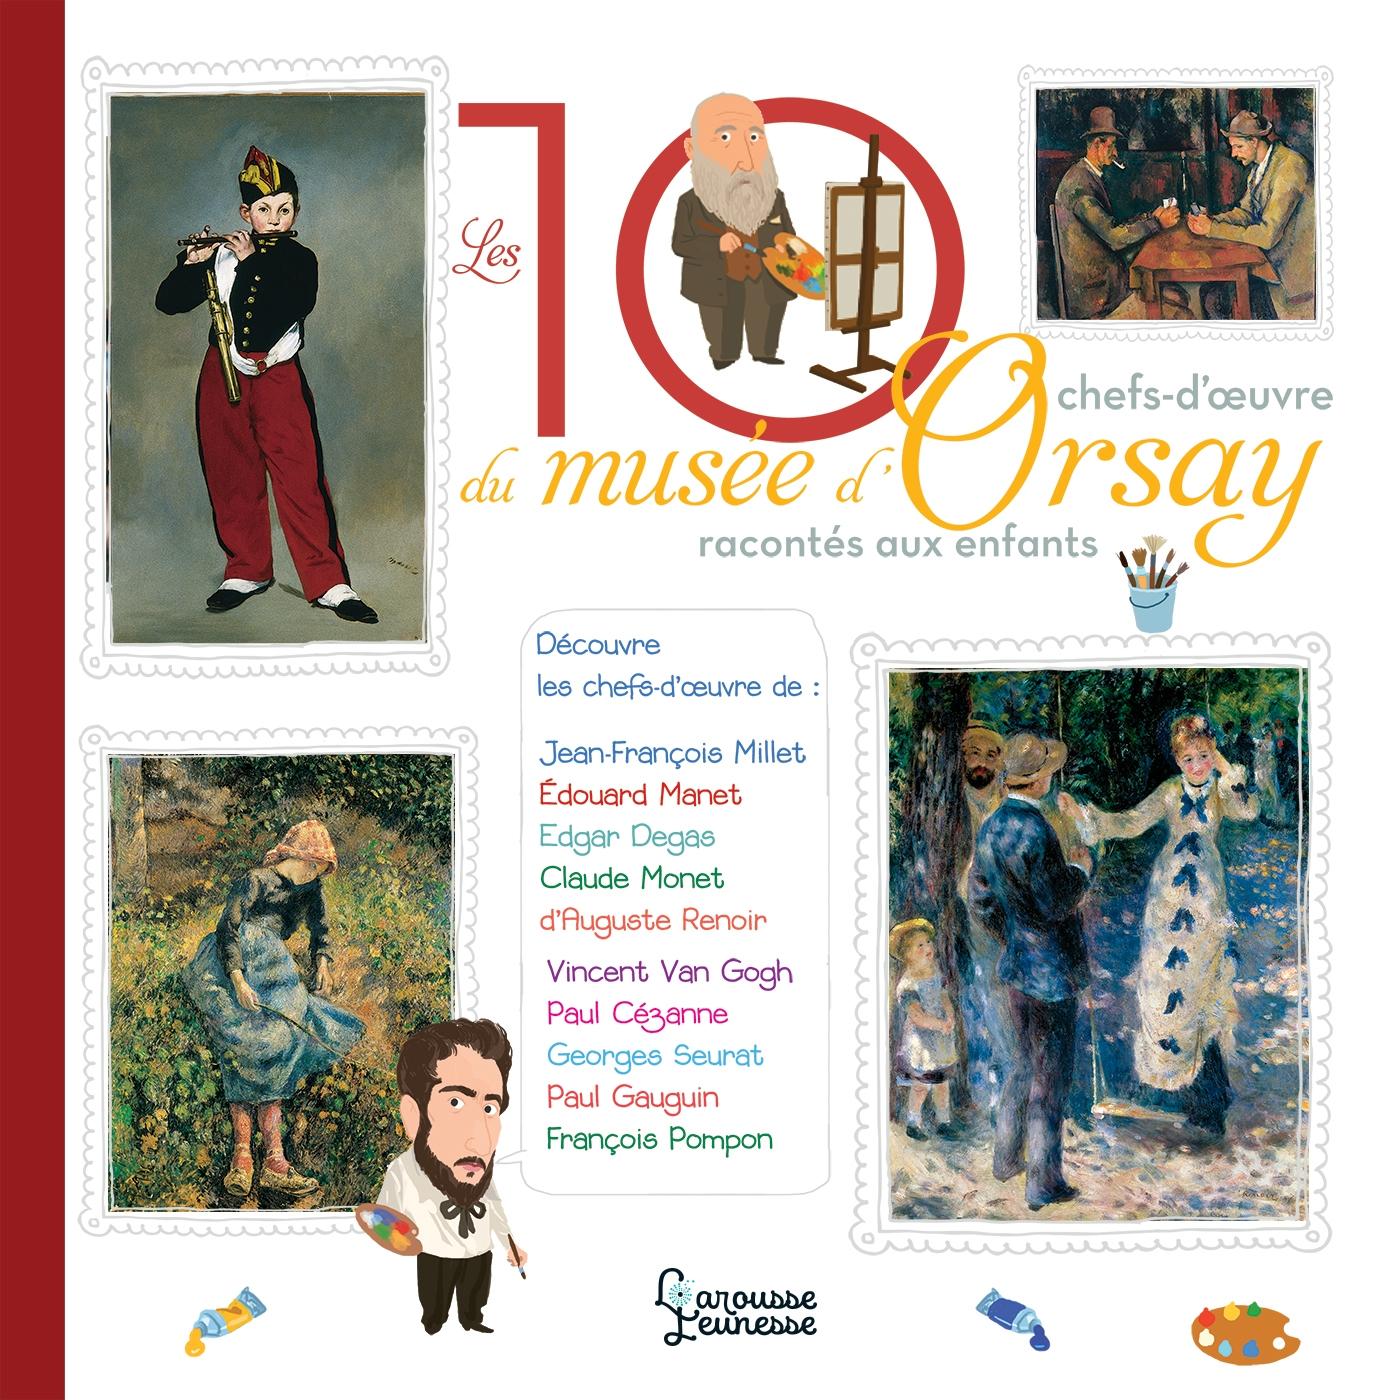 Les 10 chefs-d'oeuvre du musée d'Orsay | Le Héno, Hélène. Auteur